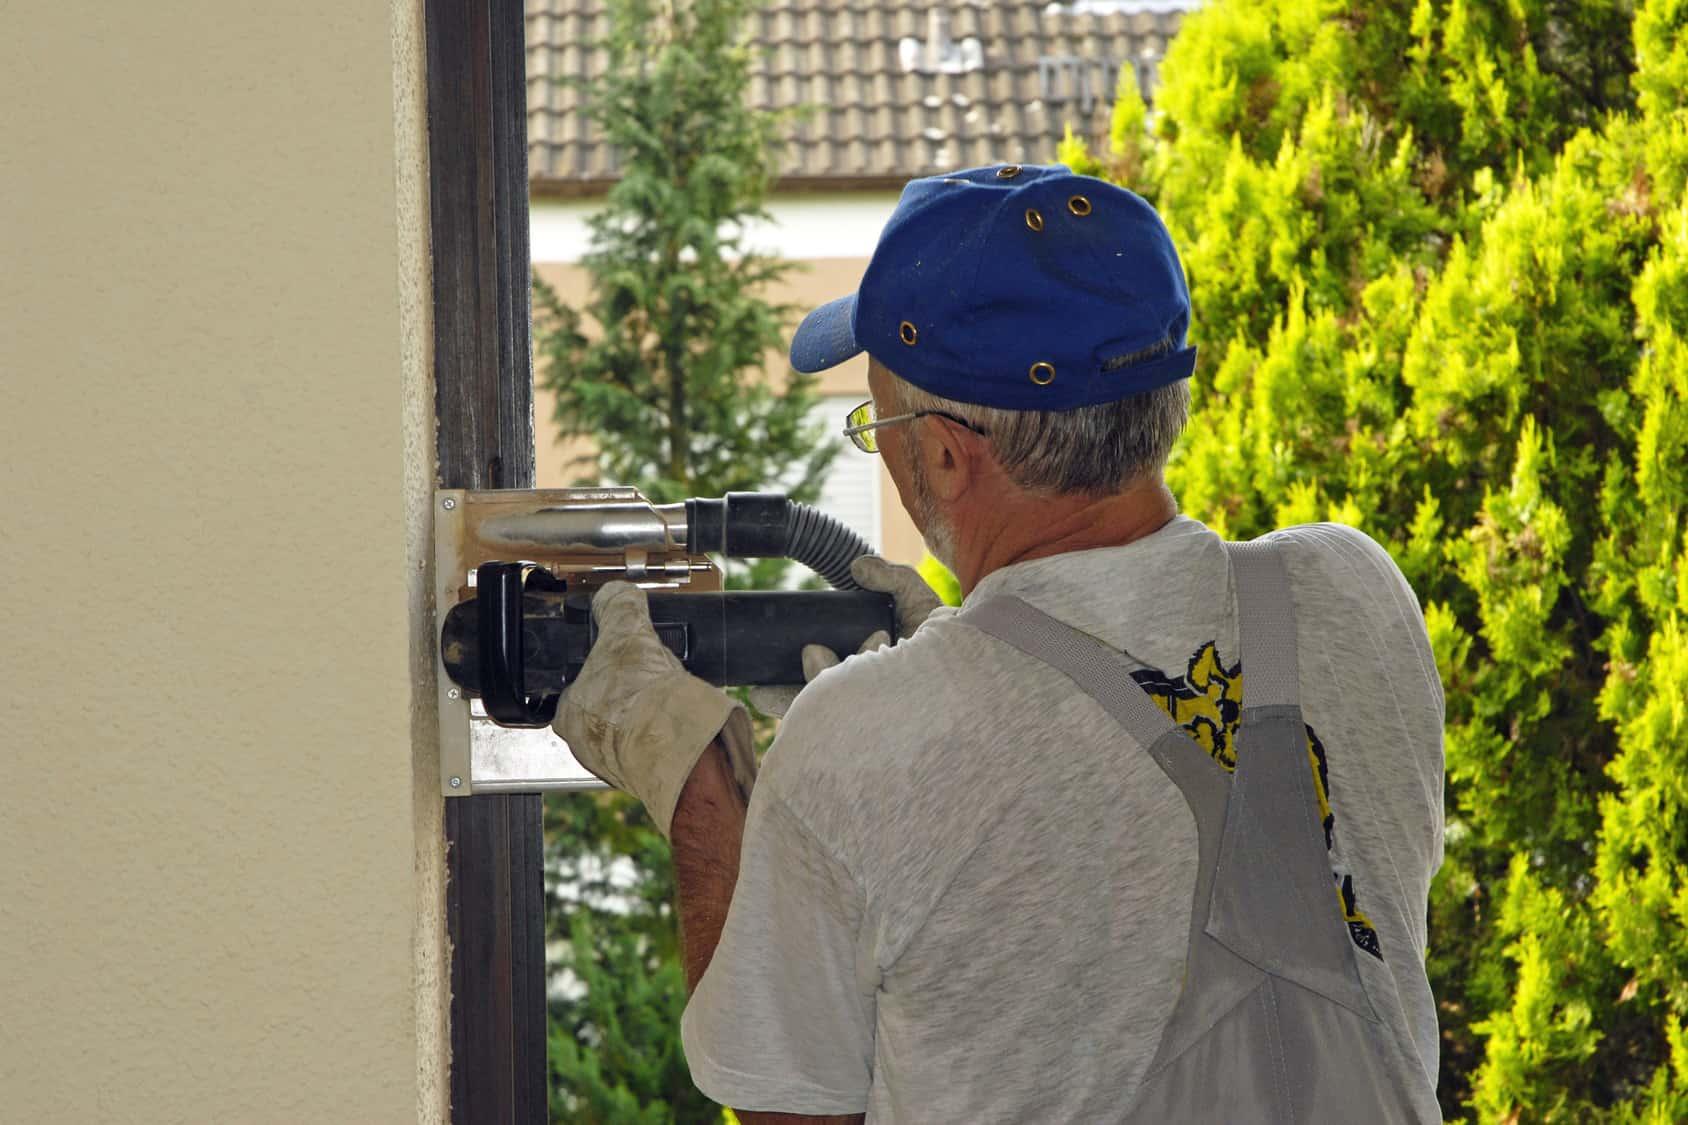 Full Size of Fenstertausch Das Richtige Fenster Einbauen Alarmanlage Sicherheitsfolie Test Rc 2 Polen Konfigurator Felux Jalousien Reinigen Standardmaße Rolladen Fenster Fenster Austauschen